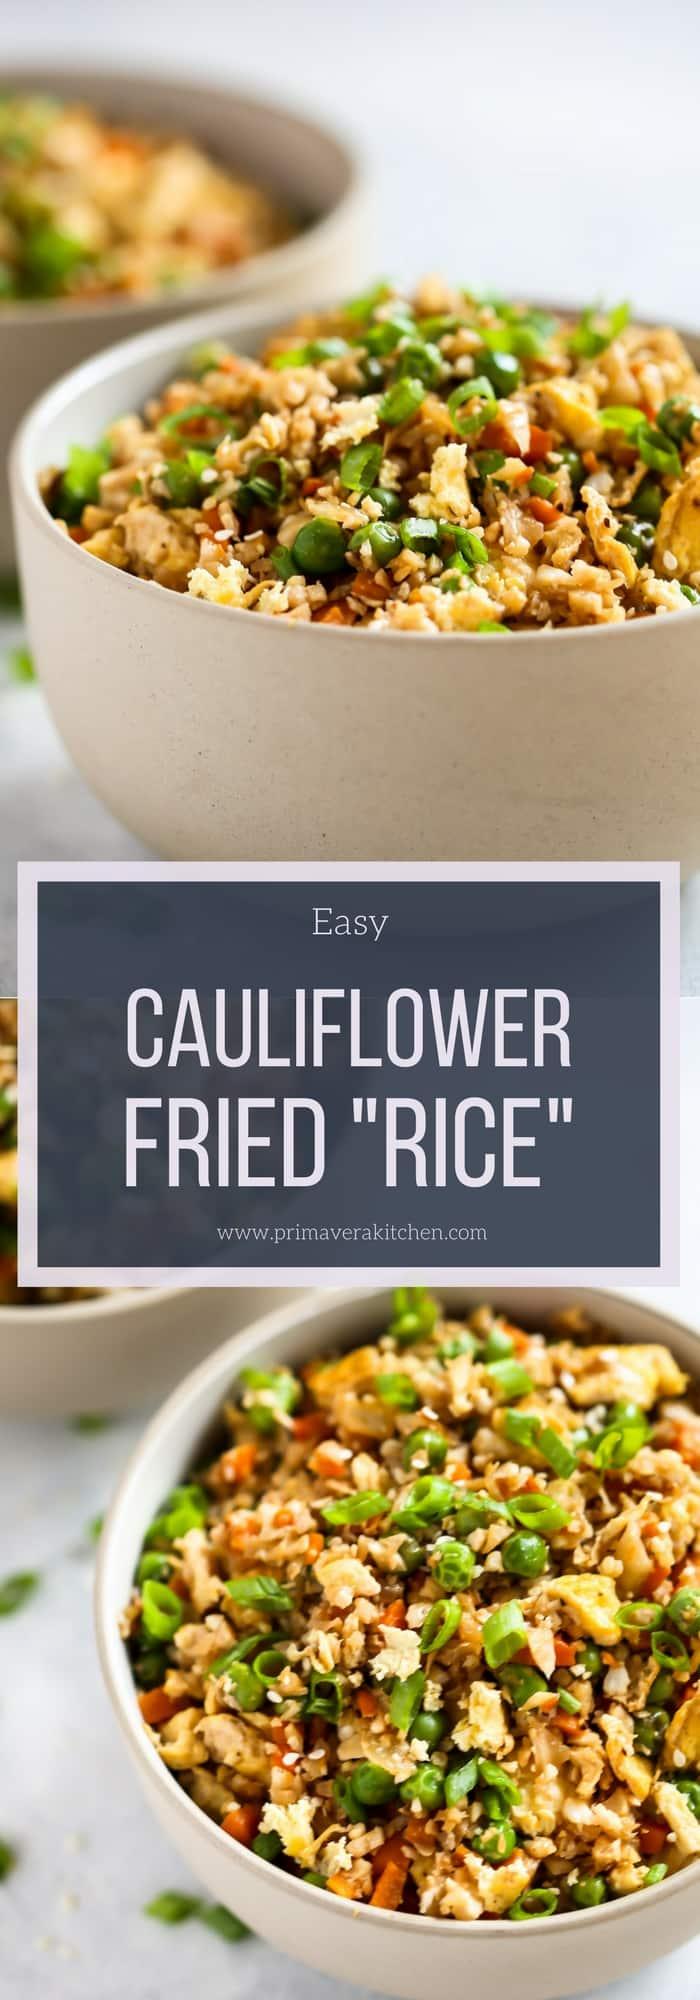 Easy Cauliflower Fried Rice Recipe - Primavera Kitchen